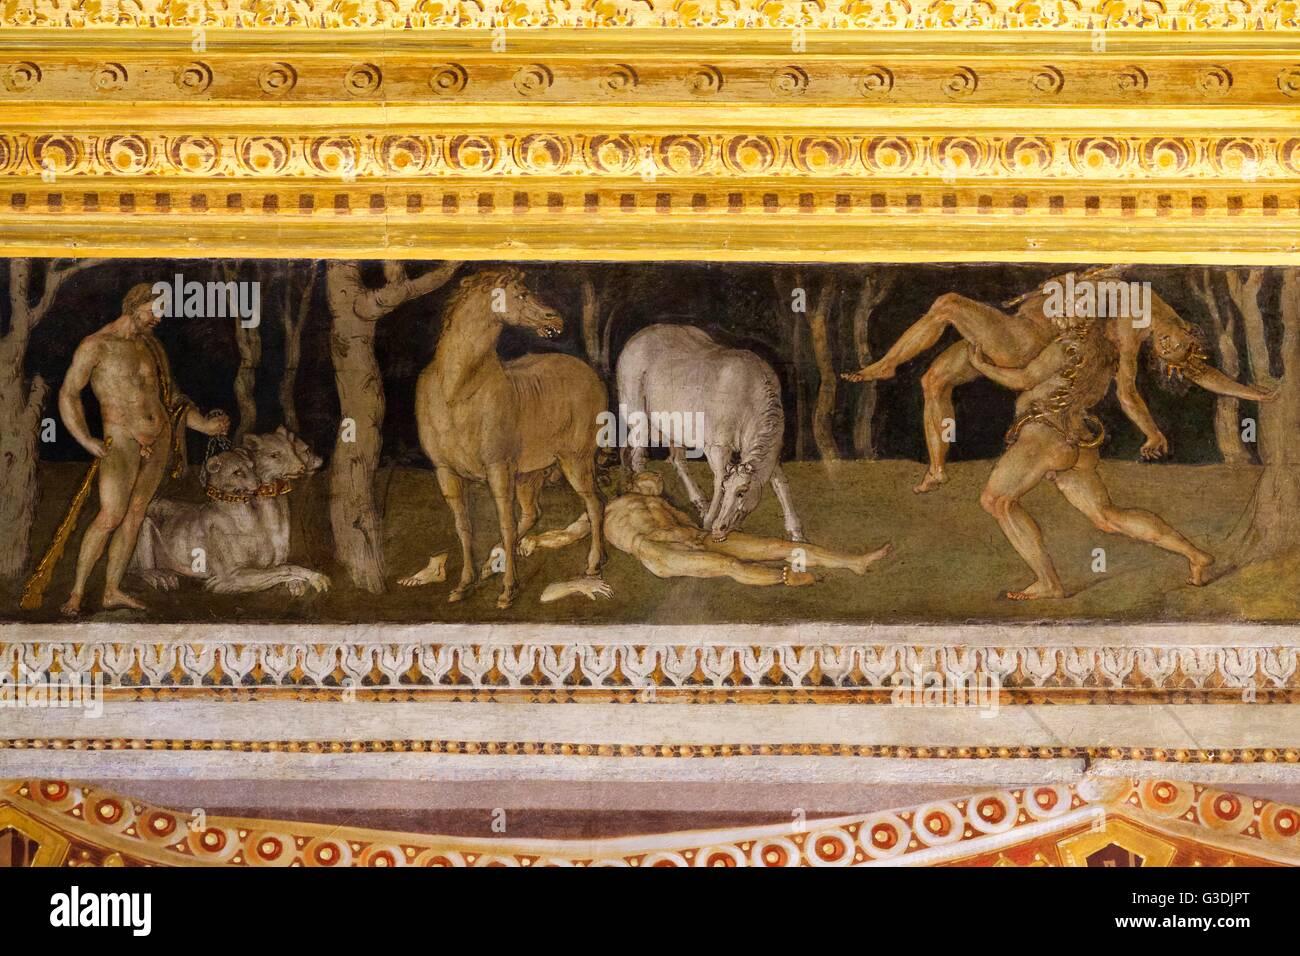 Zwölf Arbeiten des Herkules, Zimmer des Frieses von Baldassarre Peruzzi, Villa Farnesina, Rom, Italien, Europa Stockfoto